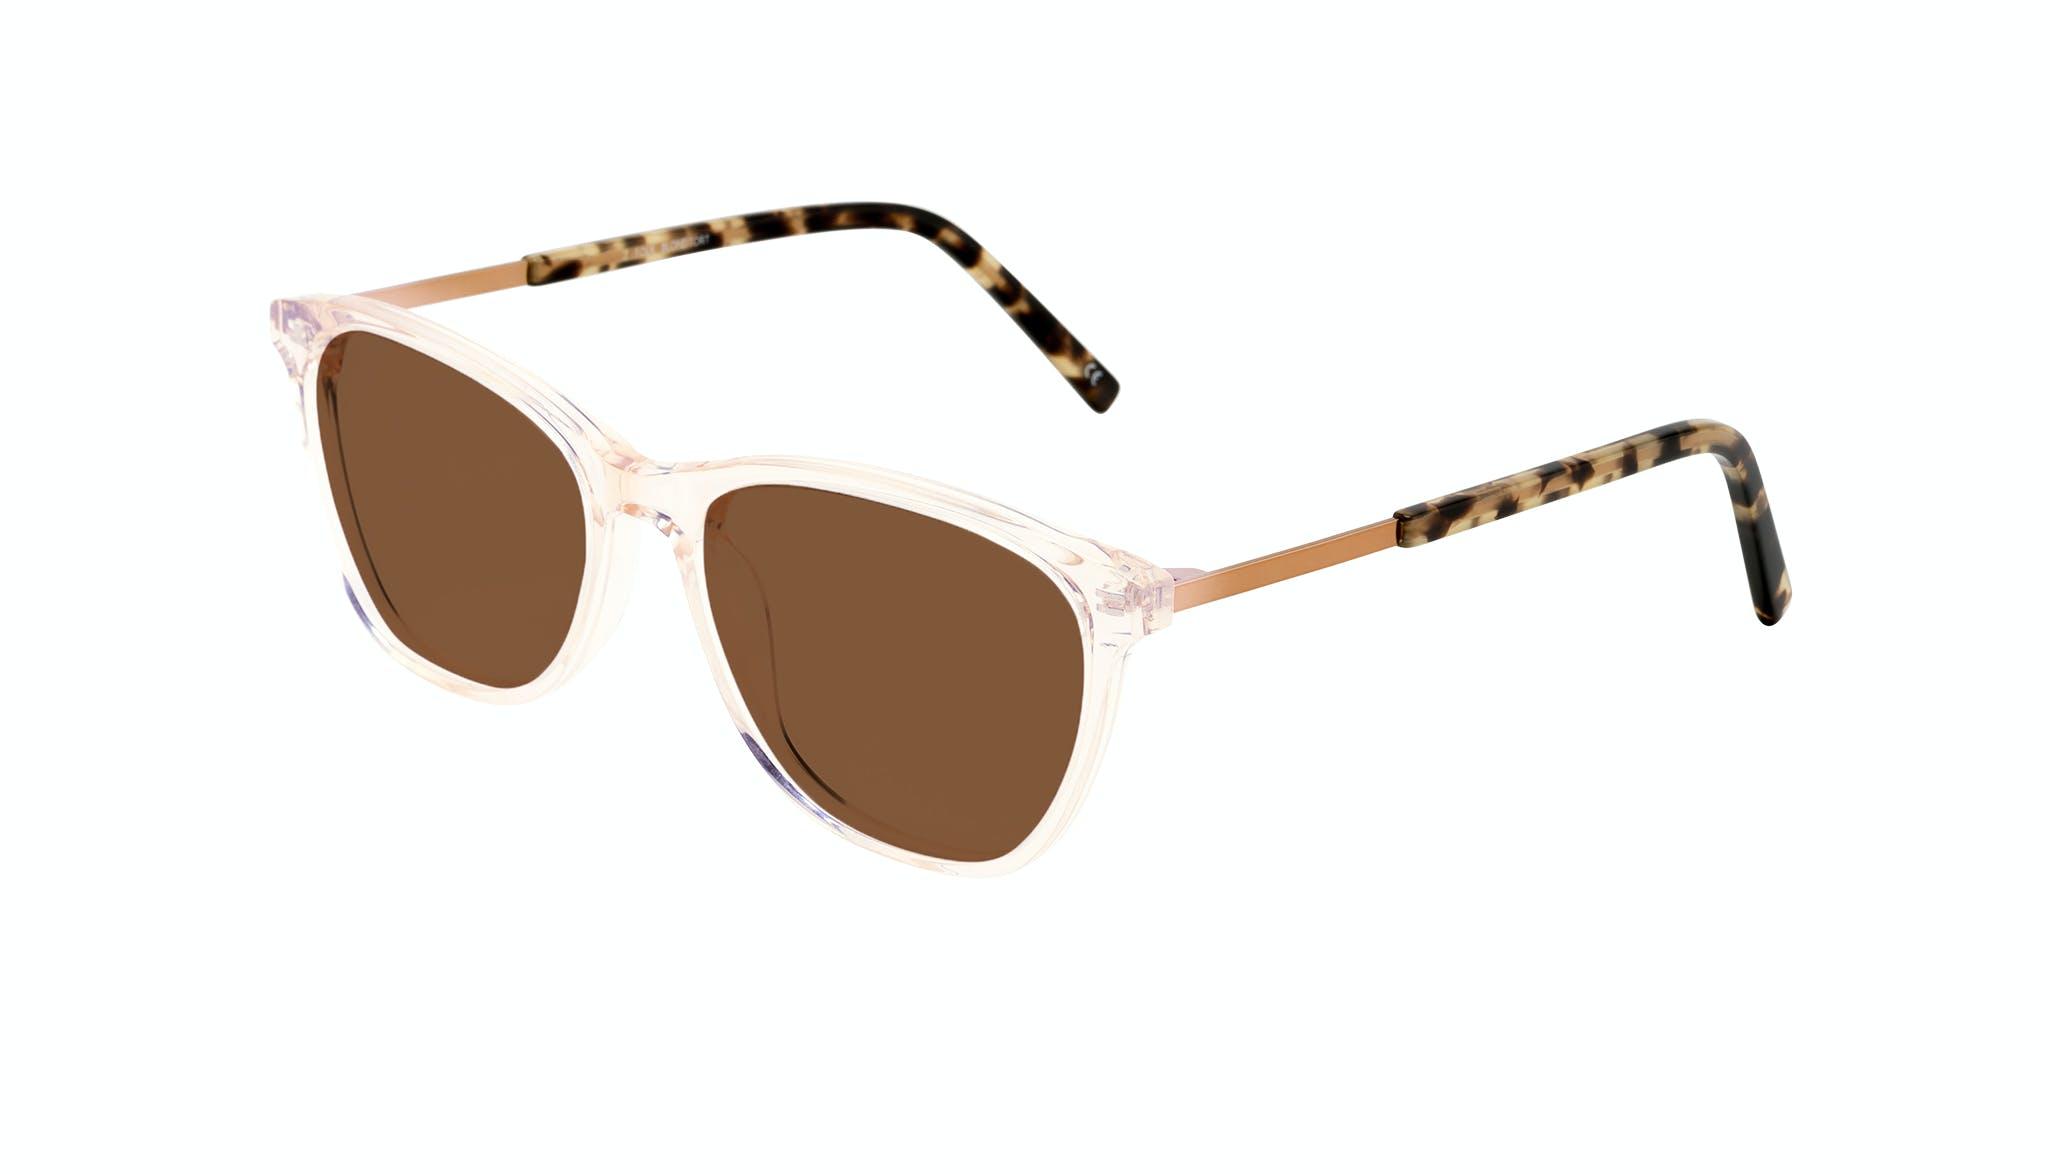 Affordable Fashion Glasses Cat Eye Rectangle Sunglasses Women Folk Blond Tortoise Tilt